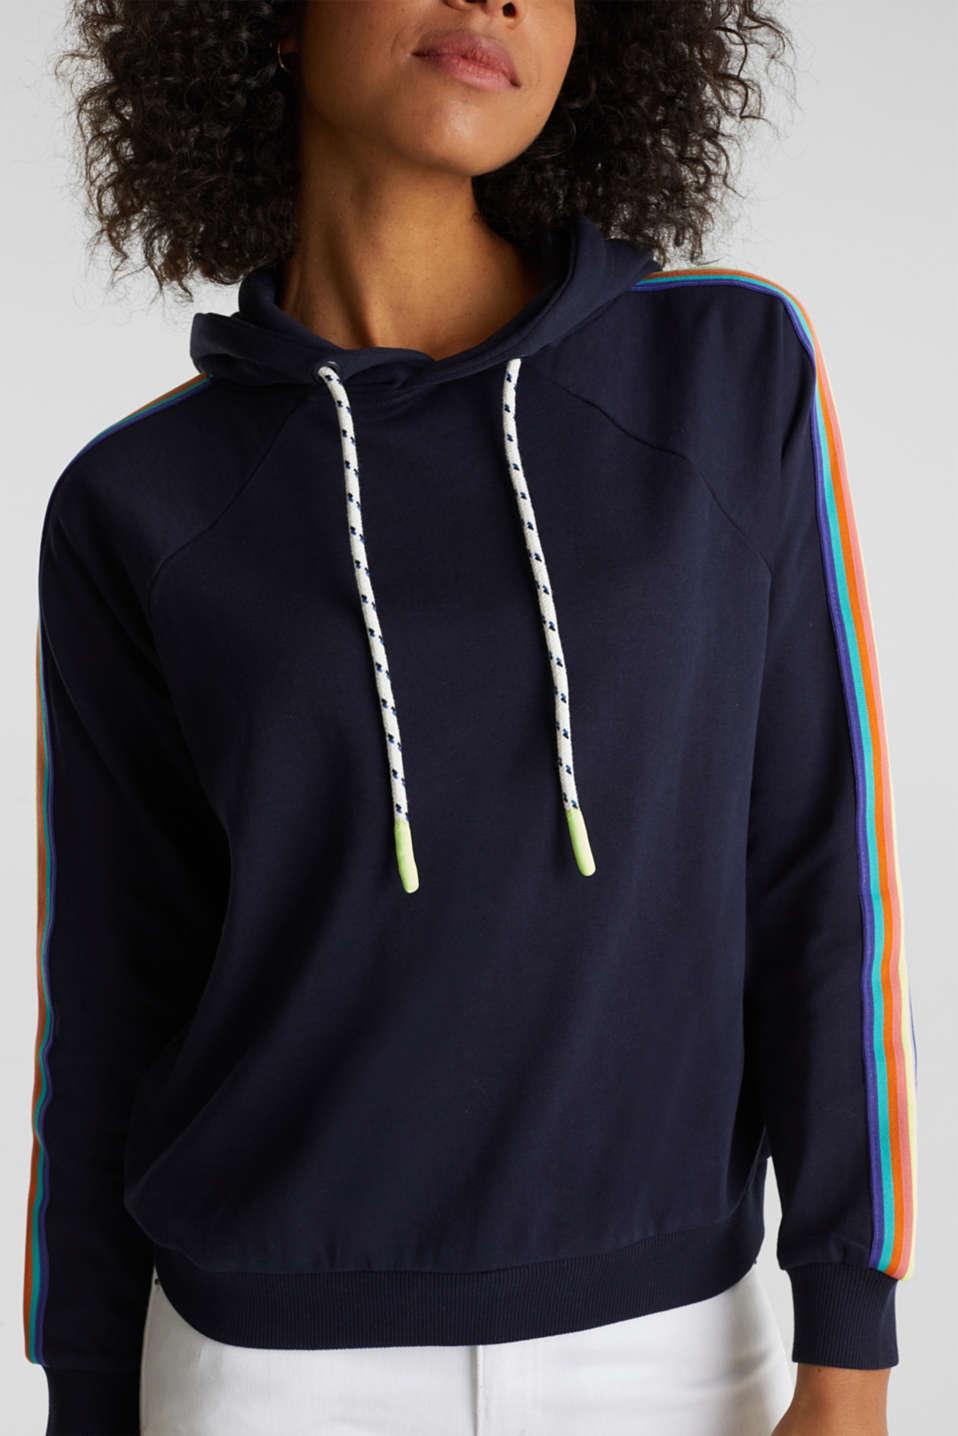 Sweatshirt hoodie with appliquéd stripes, NAVY, detail image number 2